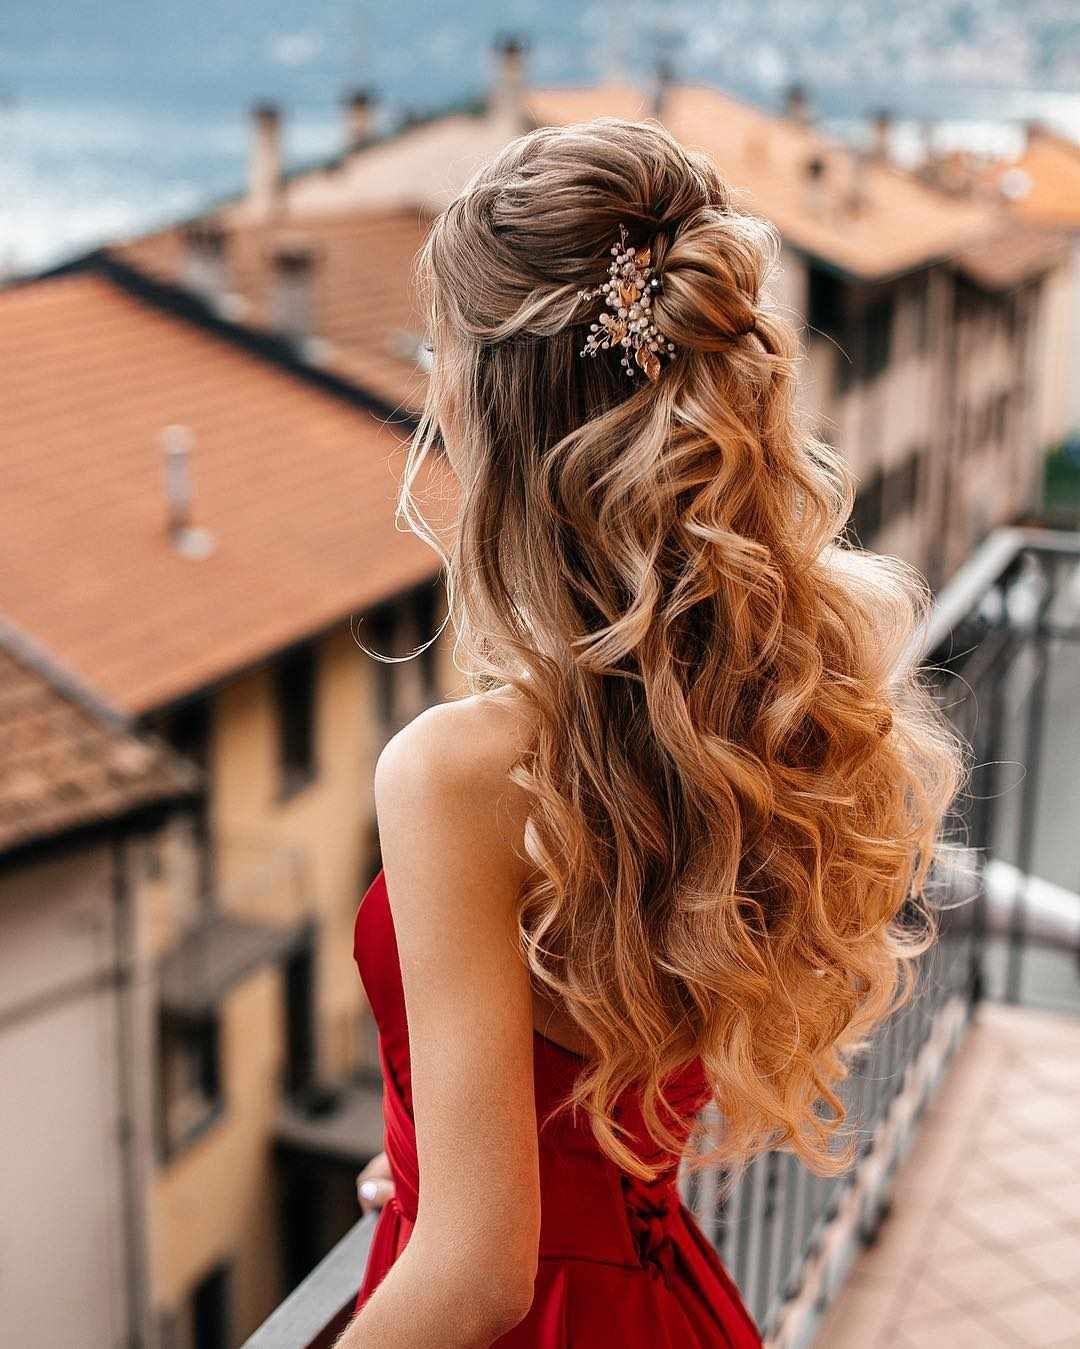 Hair Long Curls Hair Ideas Curls Waterfall Braids Prom Hairstyle Curls Colour Wedding Hairs In 2020 Long Hair Styles Braids For Long Hair Prom Hairstyles For Long Hair